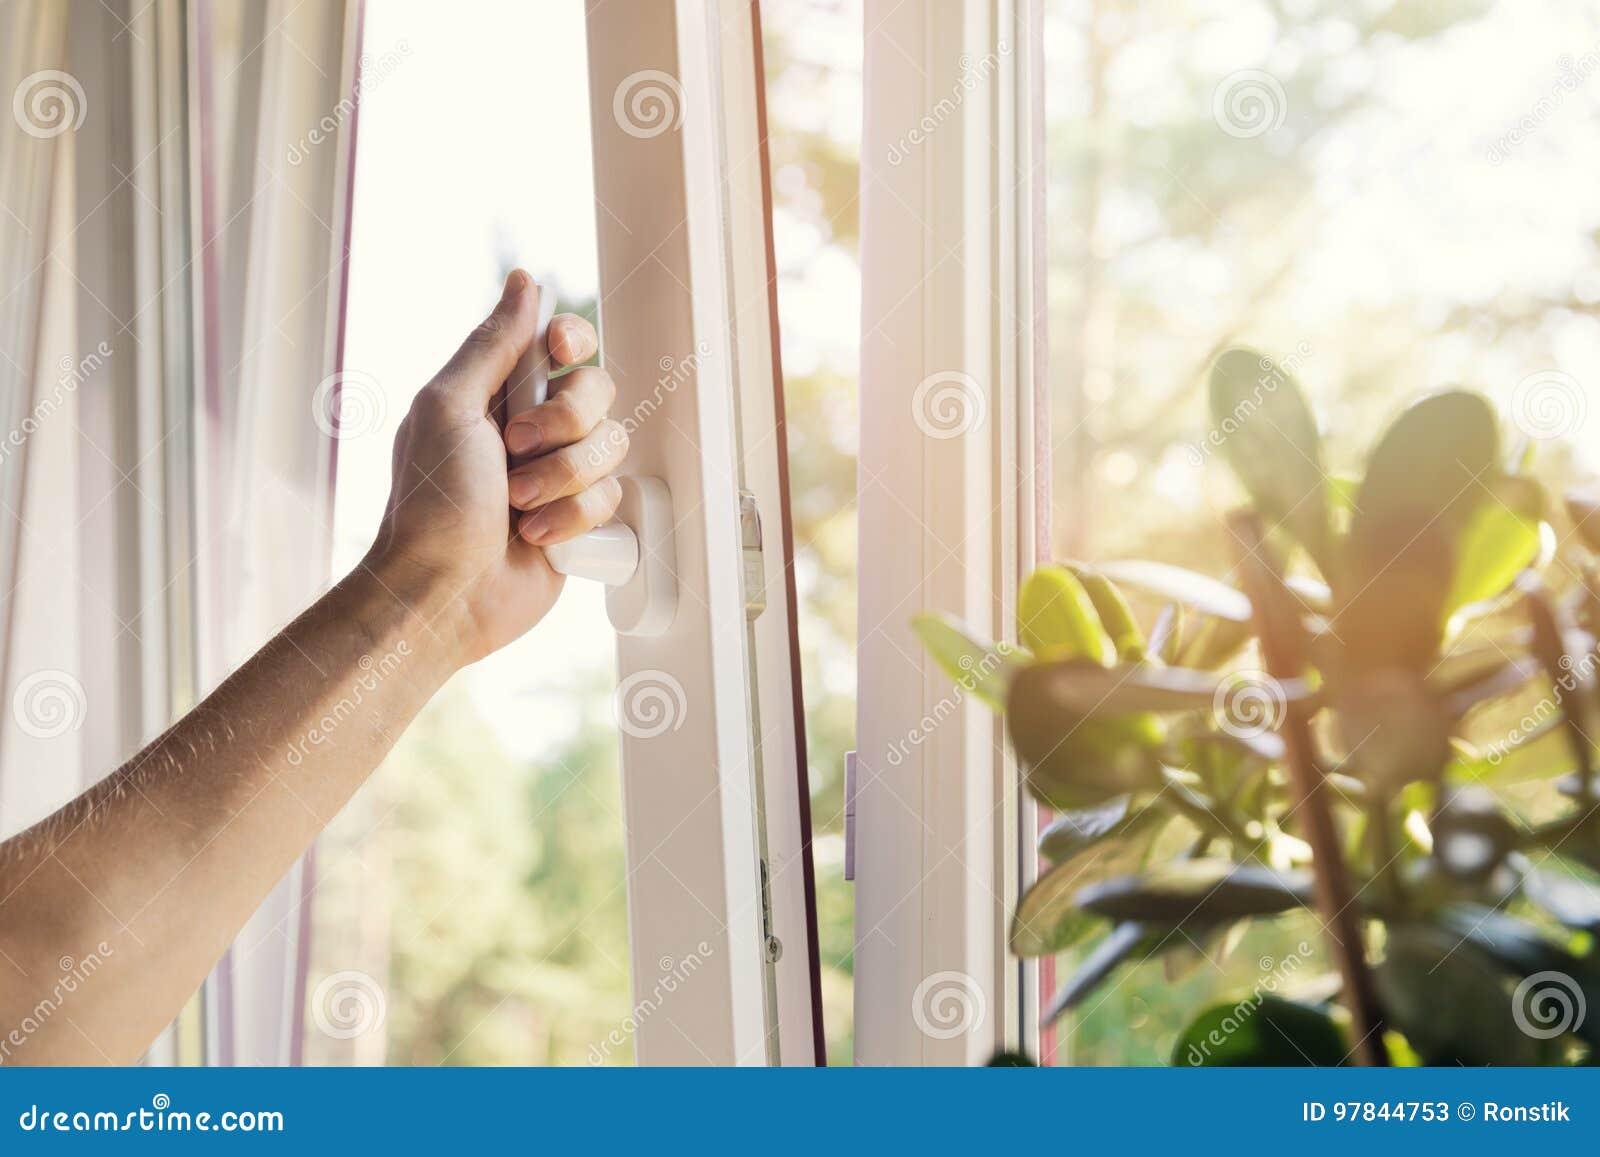 Finestra aperta del pvc della plastica della mano a casa for Disposizione della casa aperta